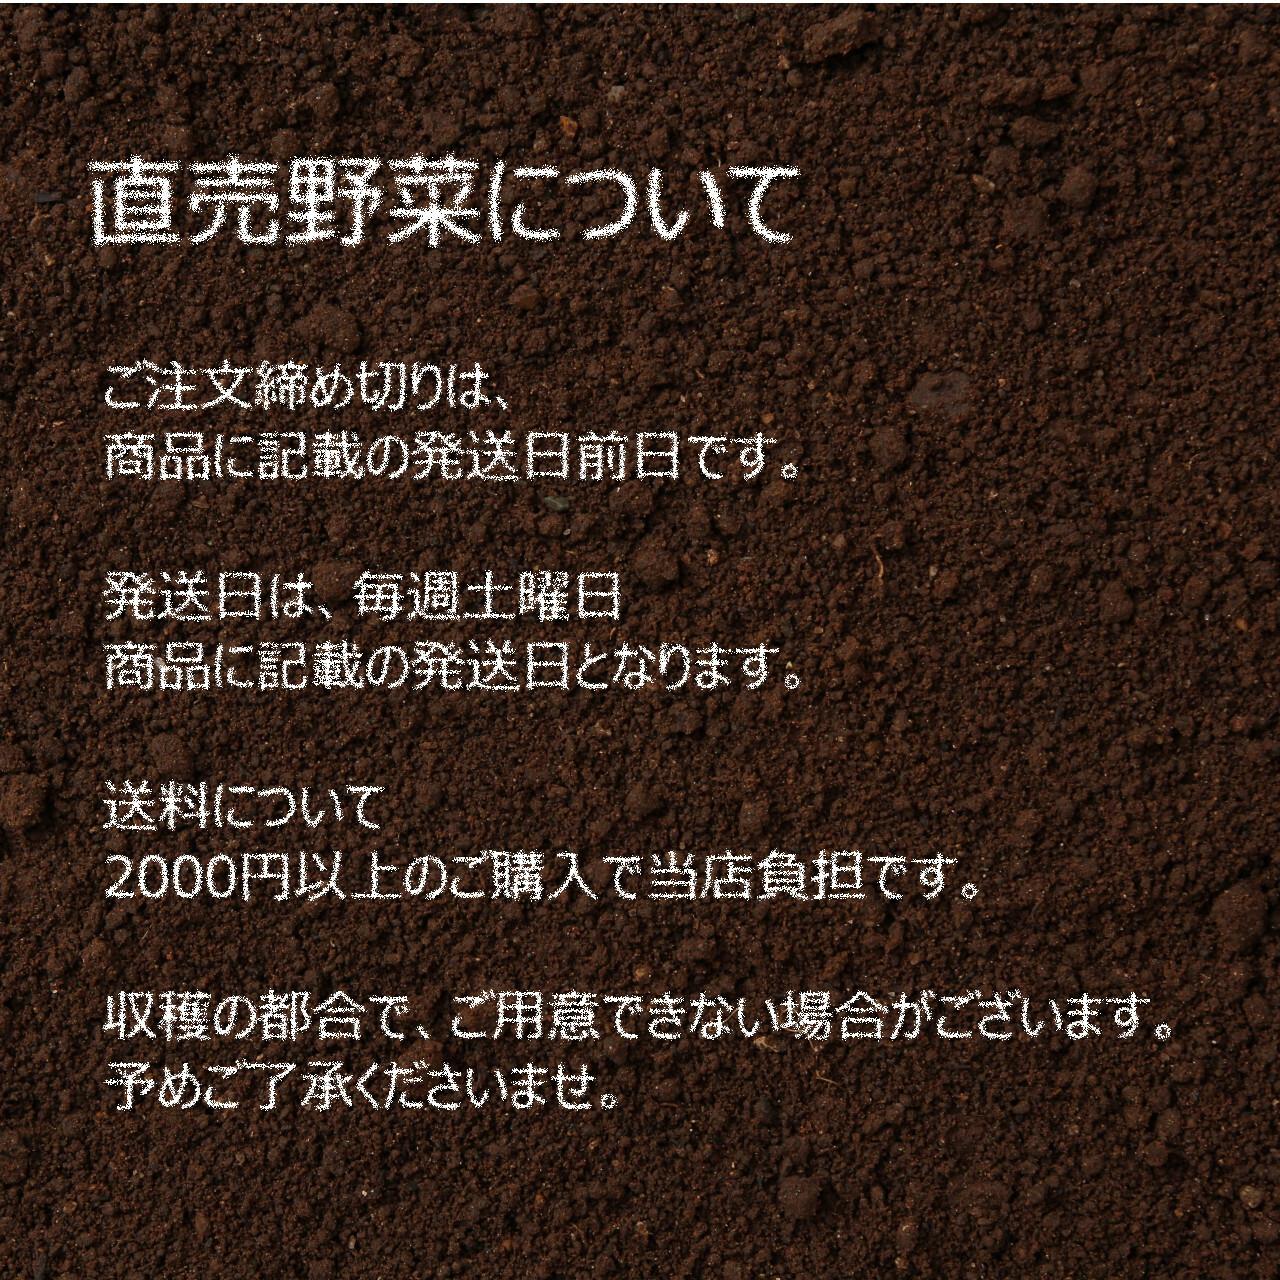 7月の新鮮な夏野菜 : ネギ 3~4本 朝採り直売野菜 7月18日発送予定